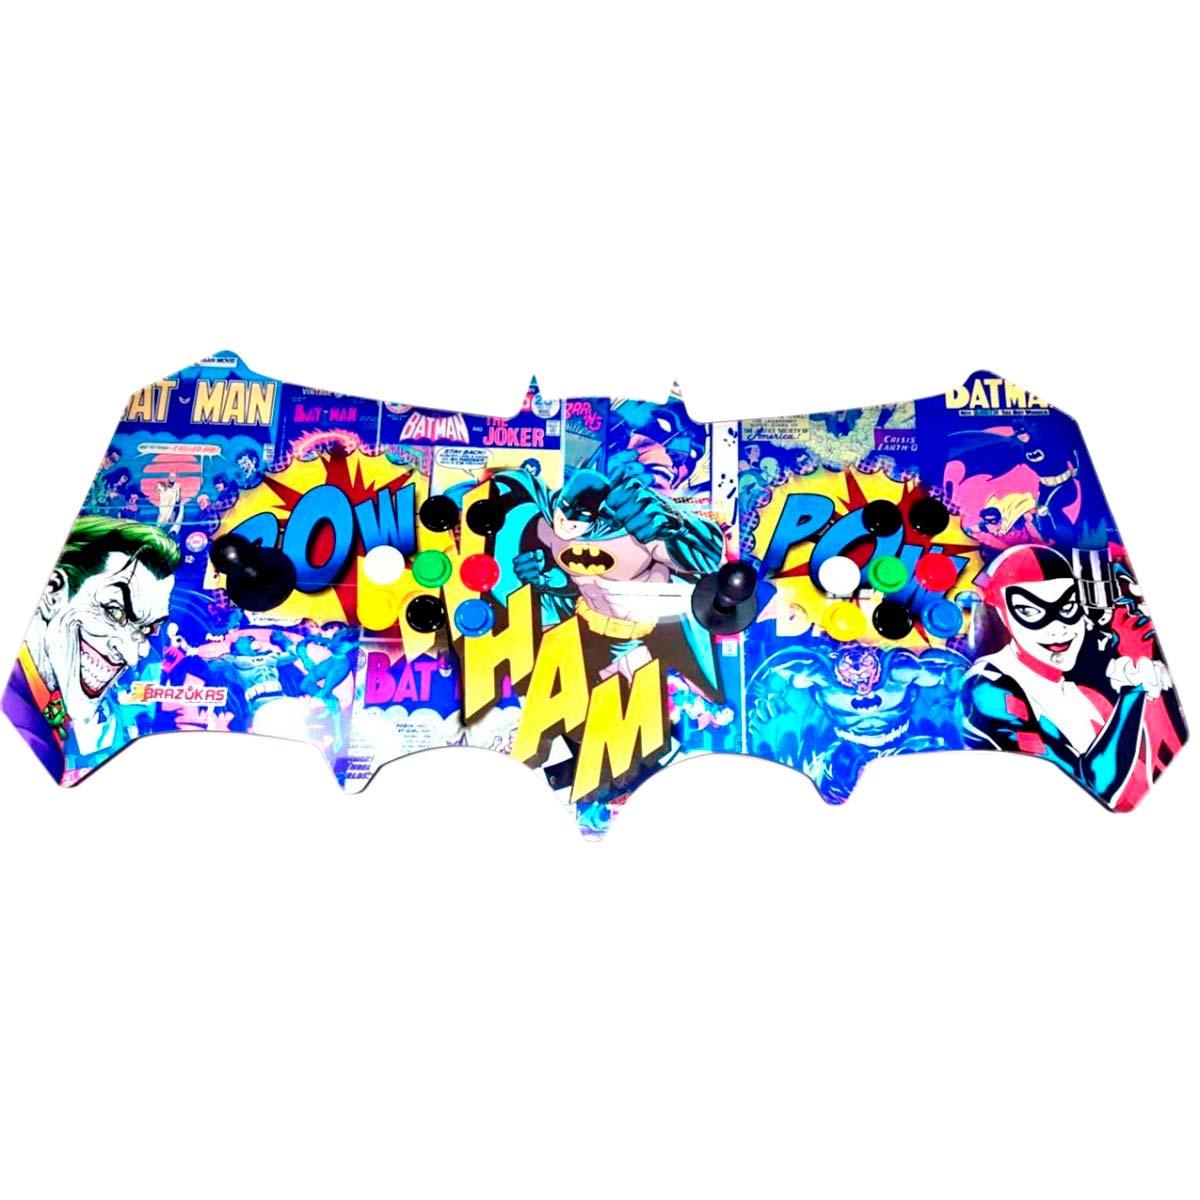 Máquina Fliperama (Controle Duplo Arcade) Personalizado com desenho do Batman / Coringa / Harley Quinn